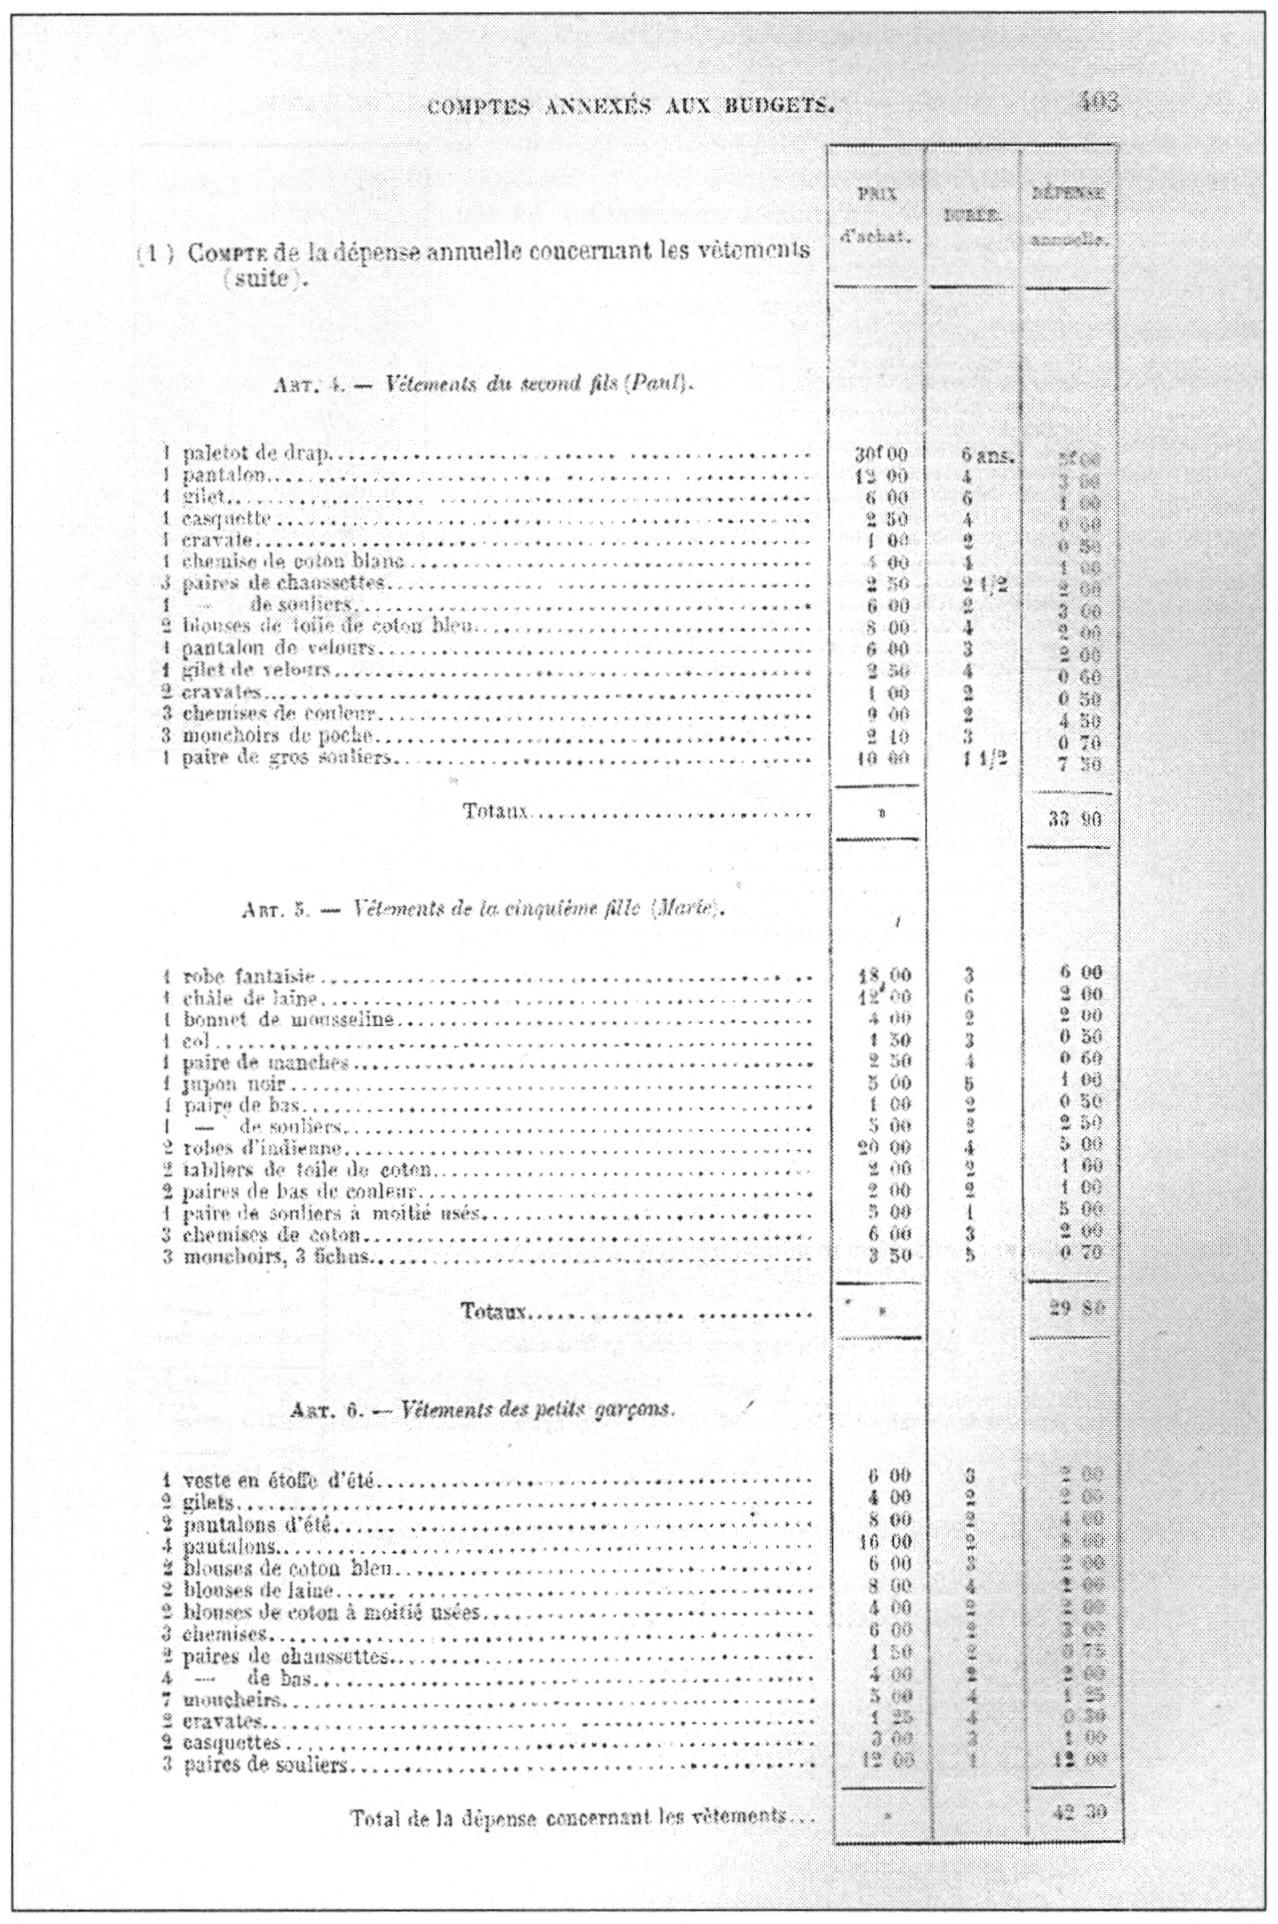 Police des moeurs saint tropez vice 1987 - 4 6